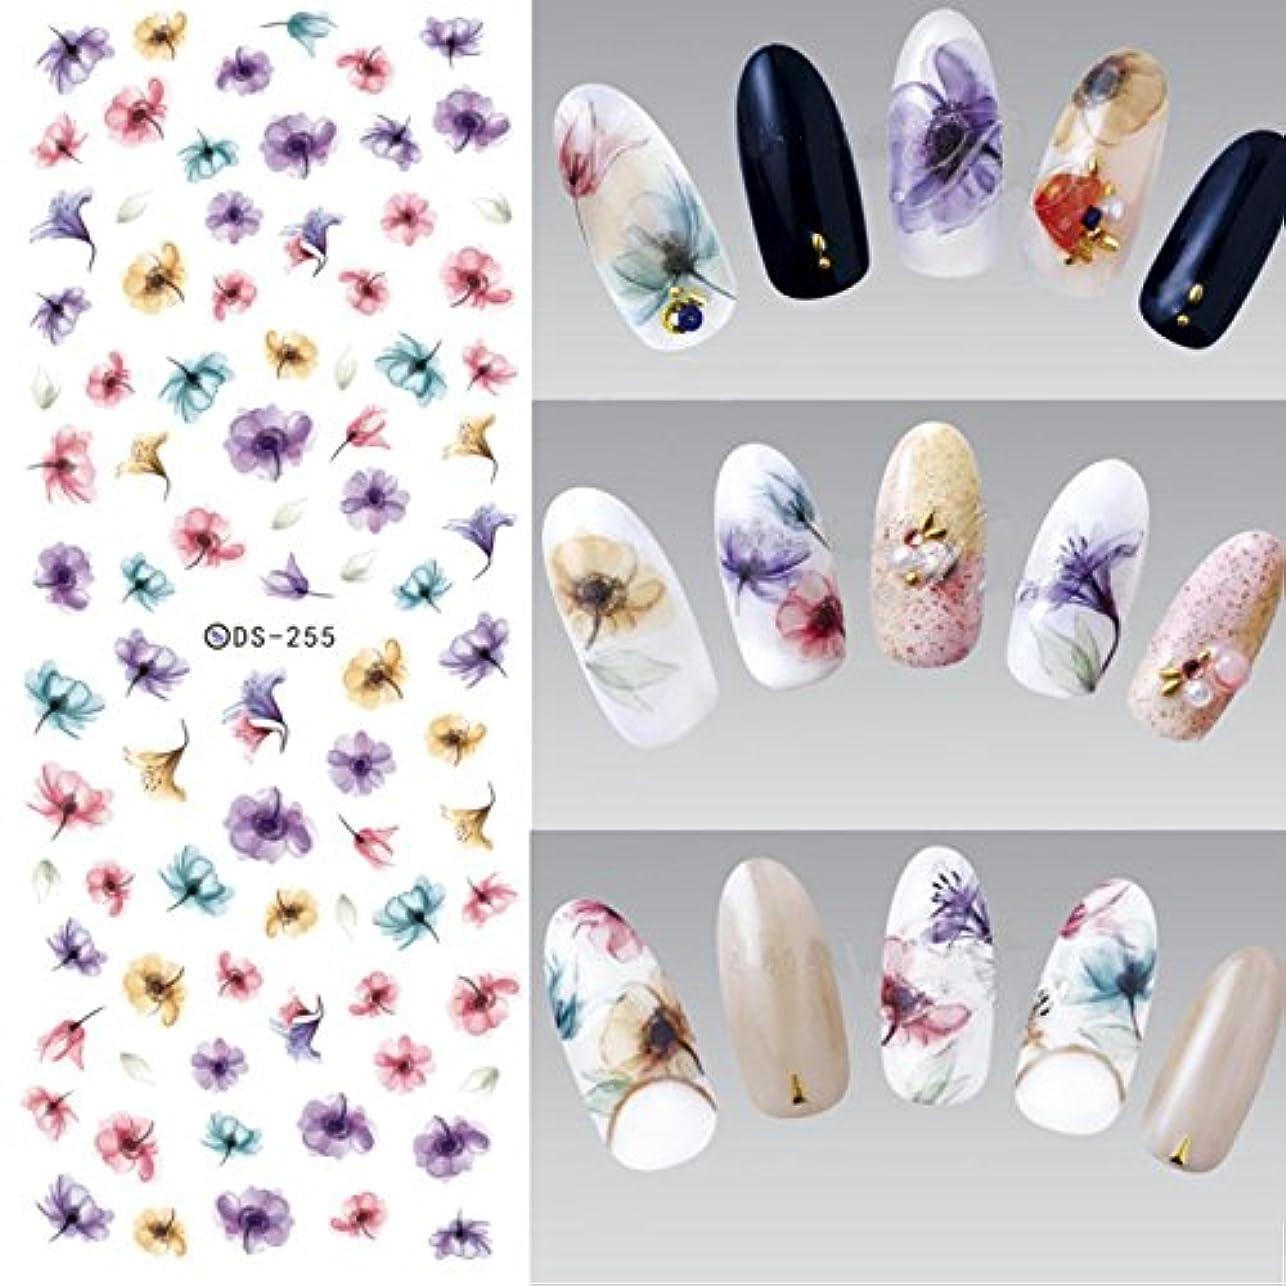 スタッフ目覚める滞在3PCS Flowers Nail Art Stickers Polish UV Gel Stickers Nail Tips Decorations Water Transfer Stickers For Nail Design Watermark